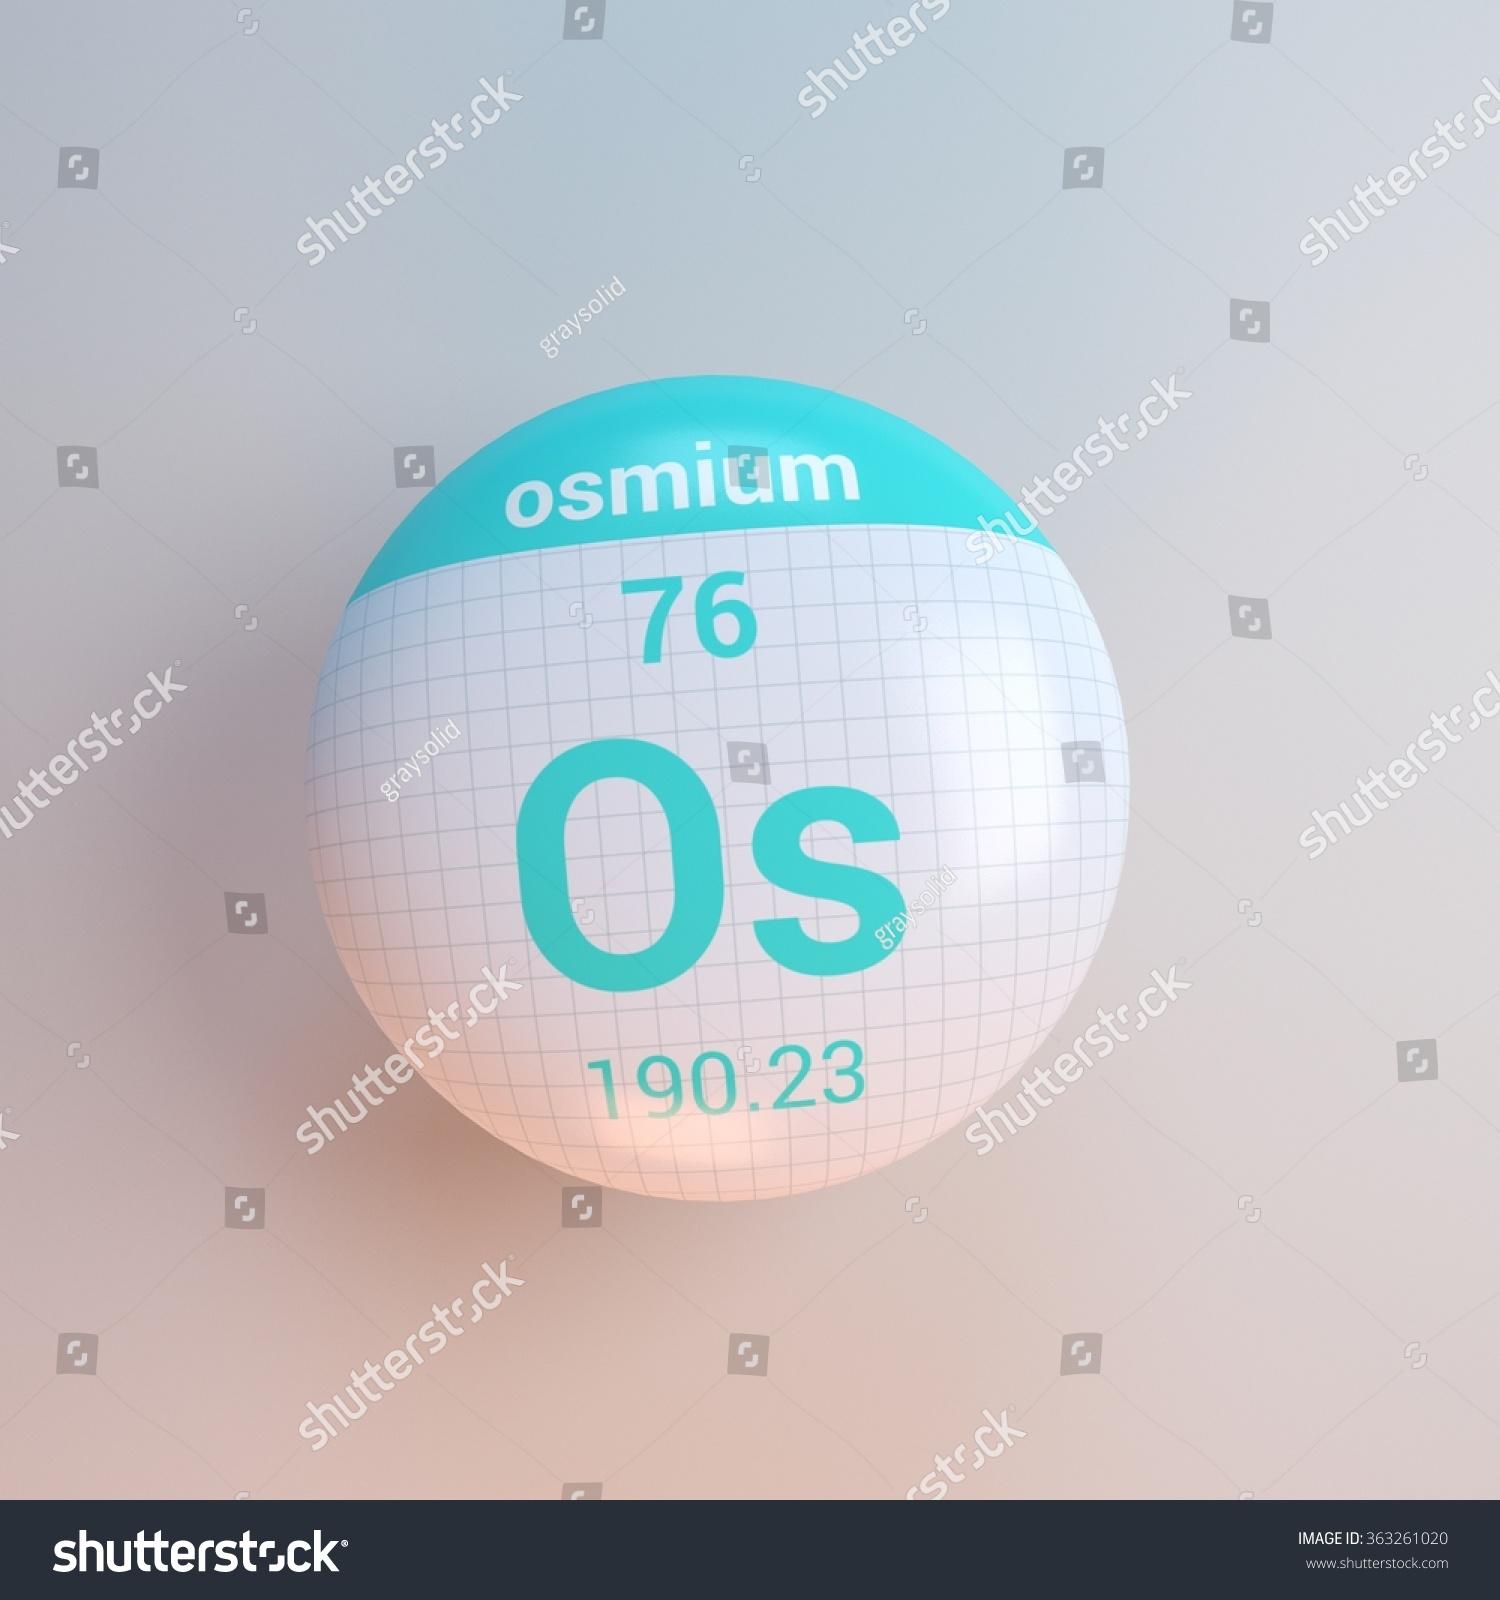 Periodic table elements osmium stock illustration 363261020 periodic table of elements osmium urtaz Images